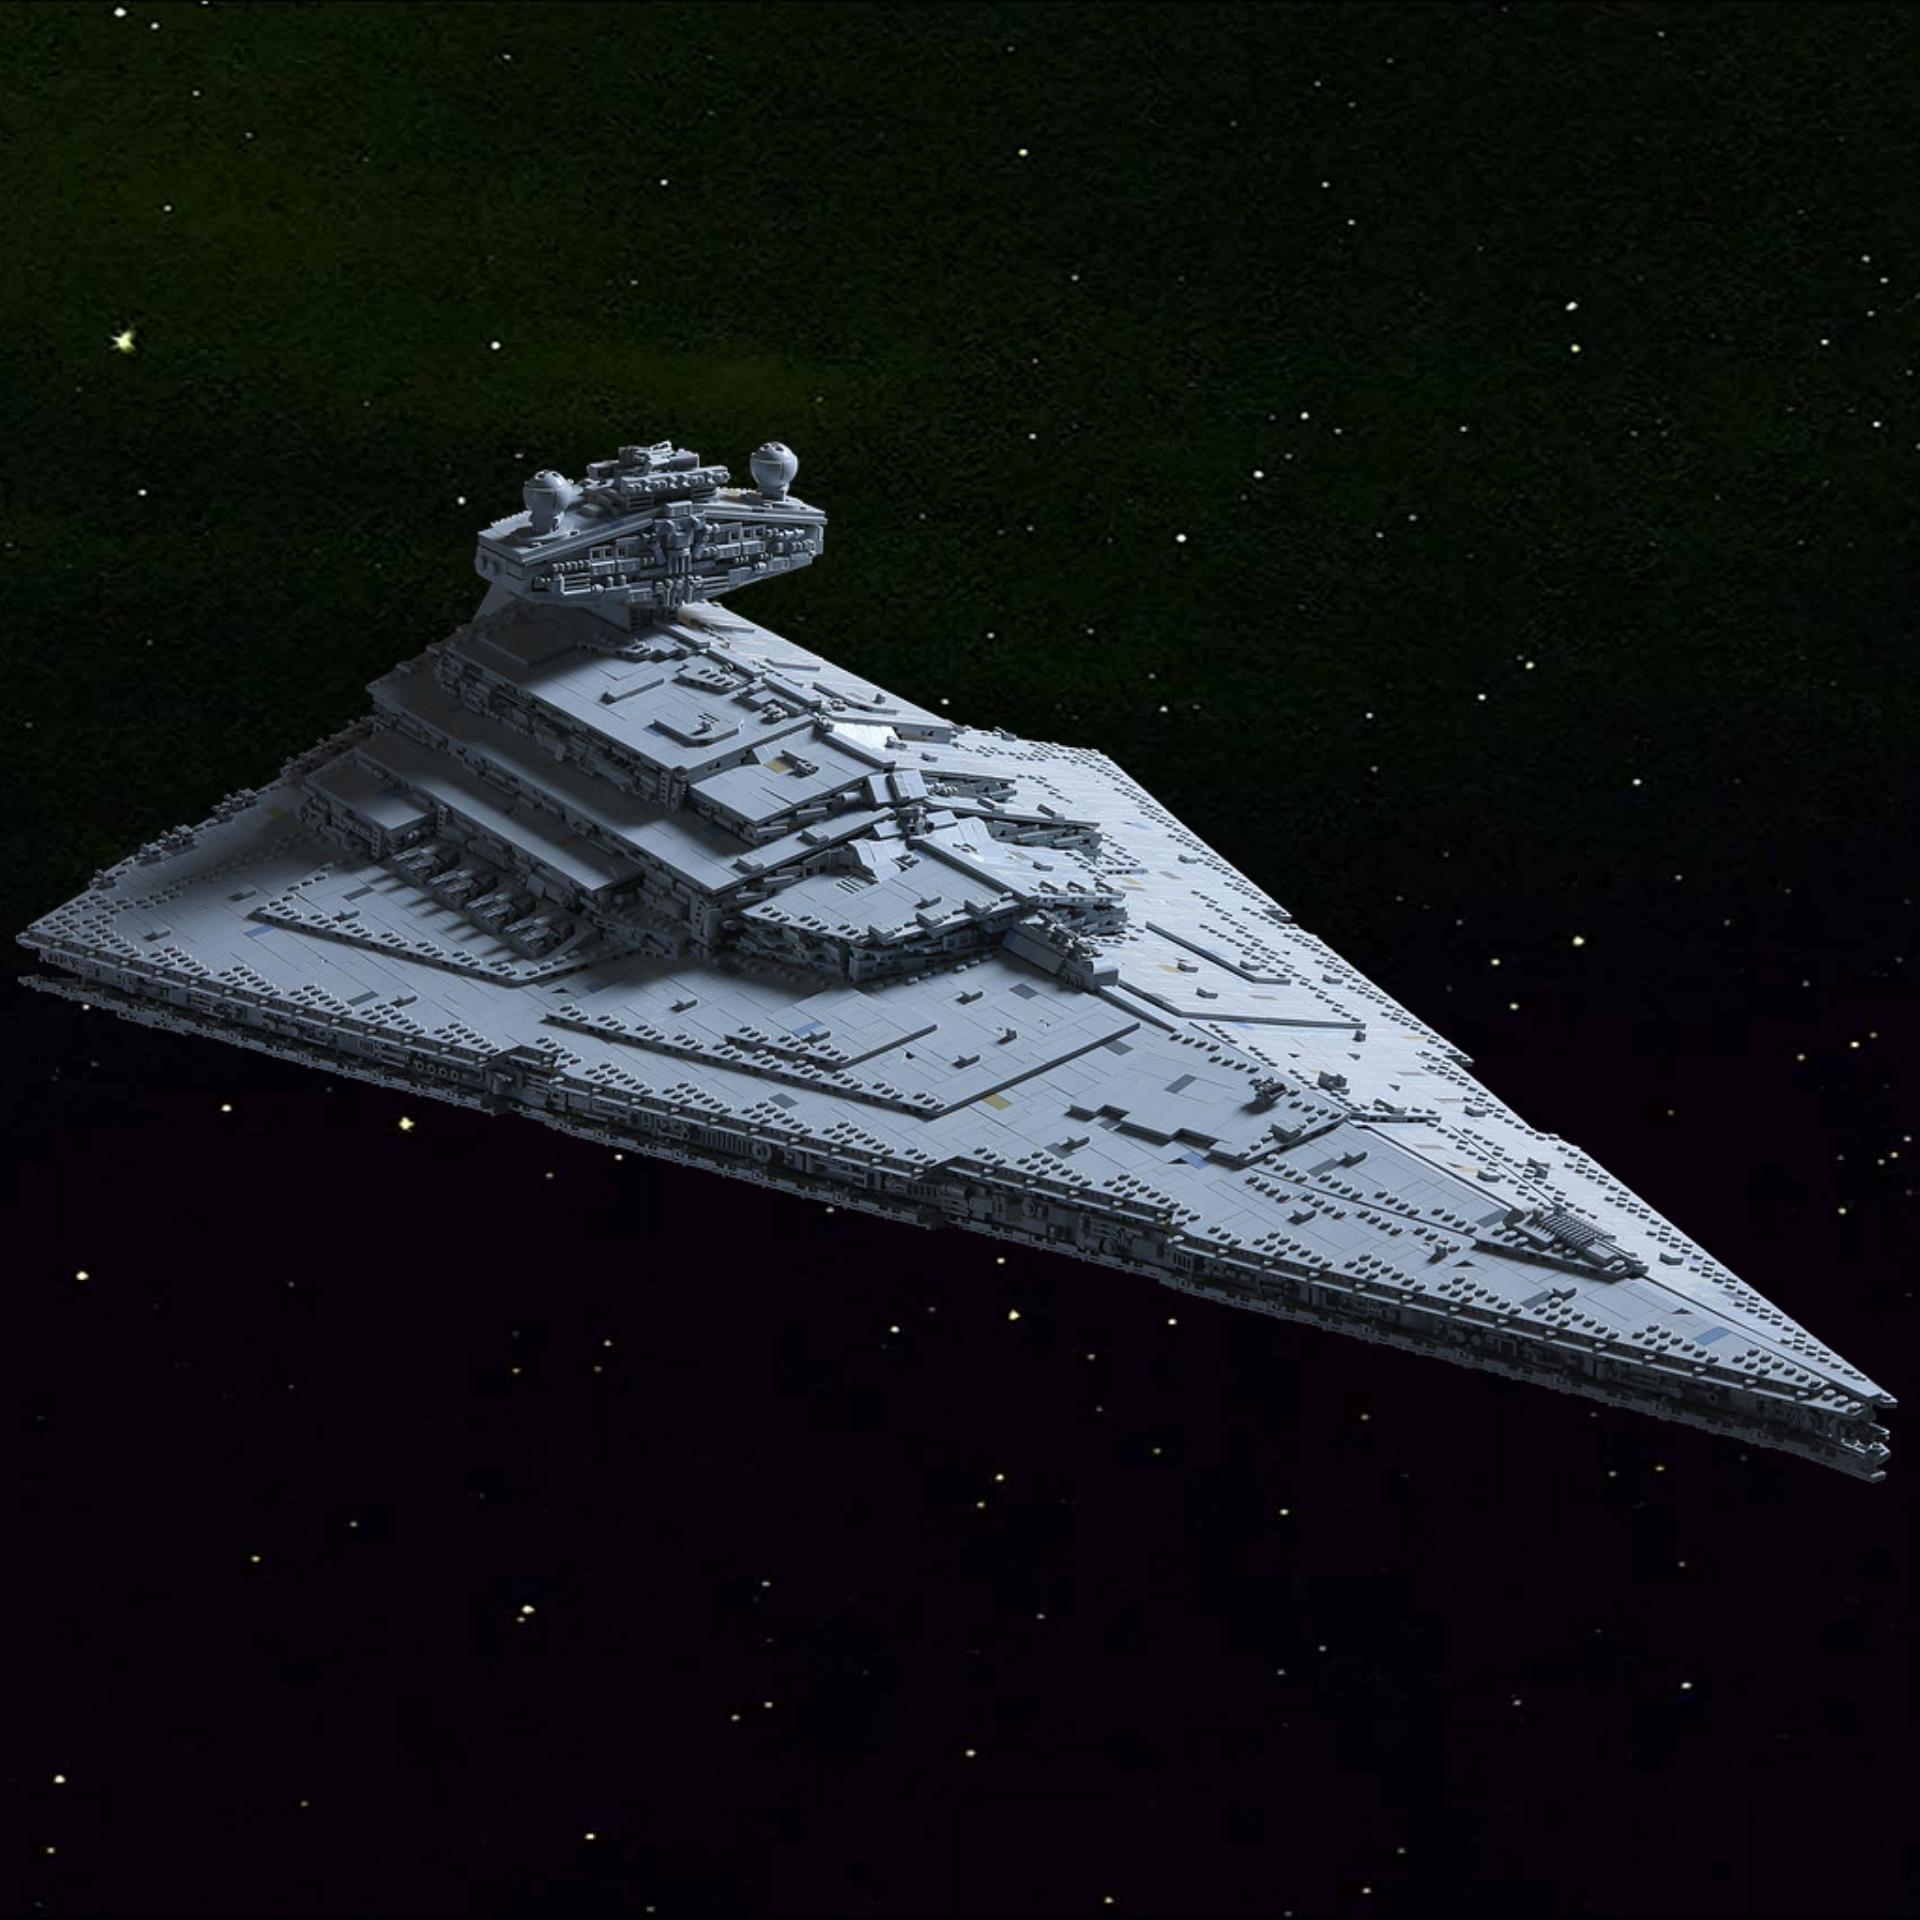 Mould King ISD Monarch: Imperialer Klemmbaustein Sternenzerstörer (11885 Teile, 118 x 71 cm, Gemon-4-Ionentriebwerk, Star Wars)